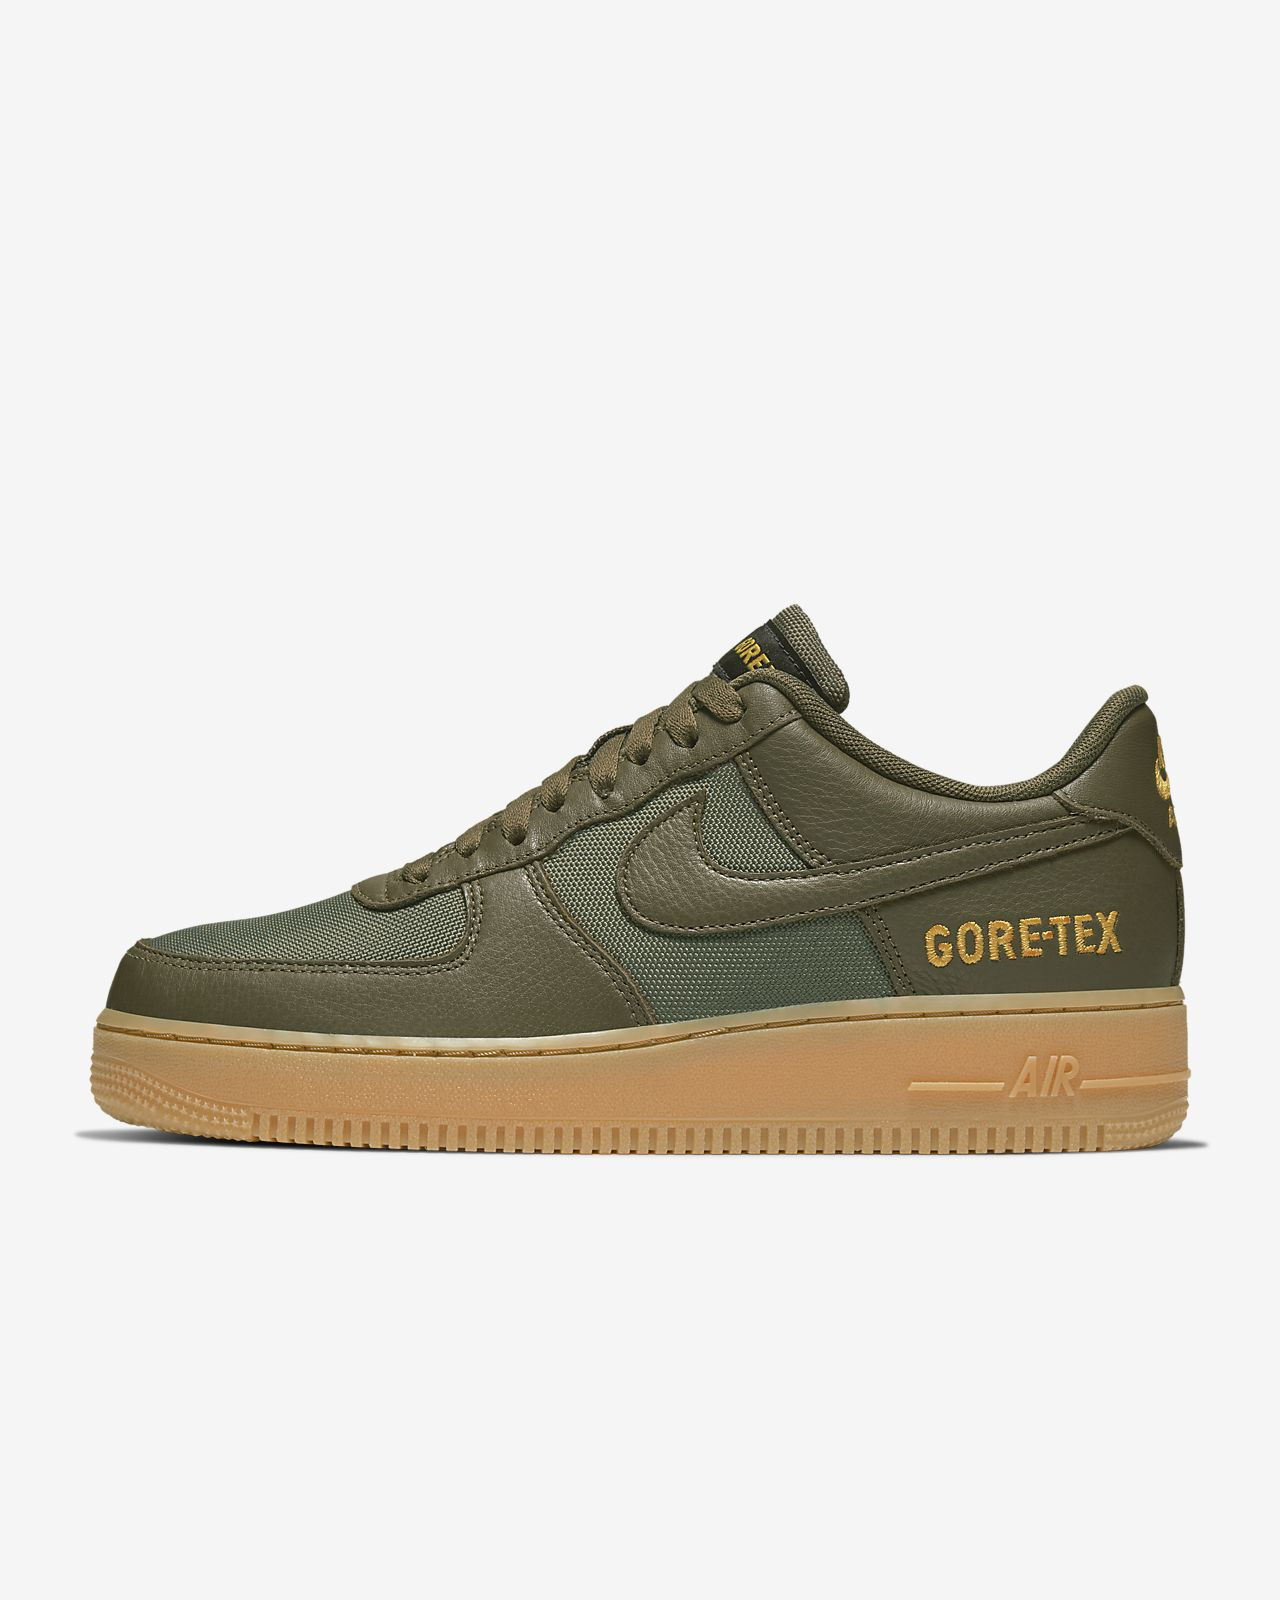 Nike Air Force 1 High zwart wit Purchaze